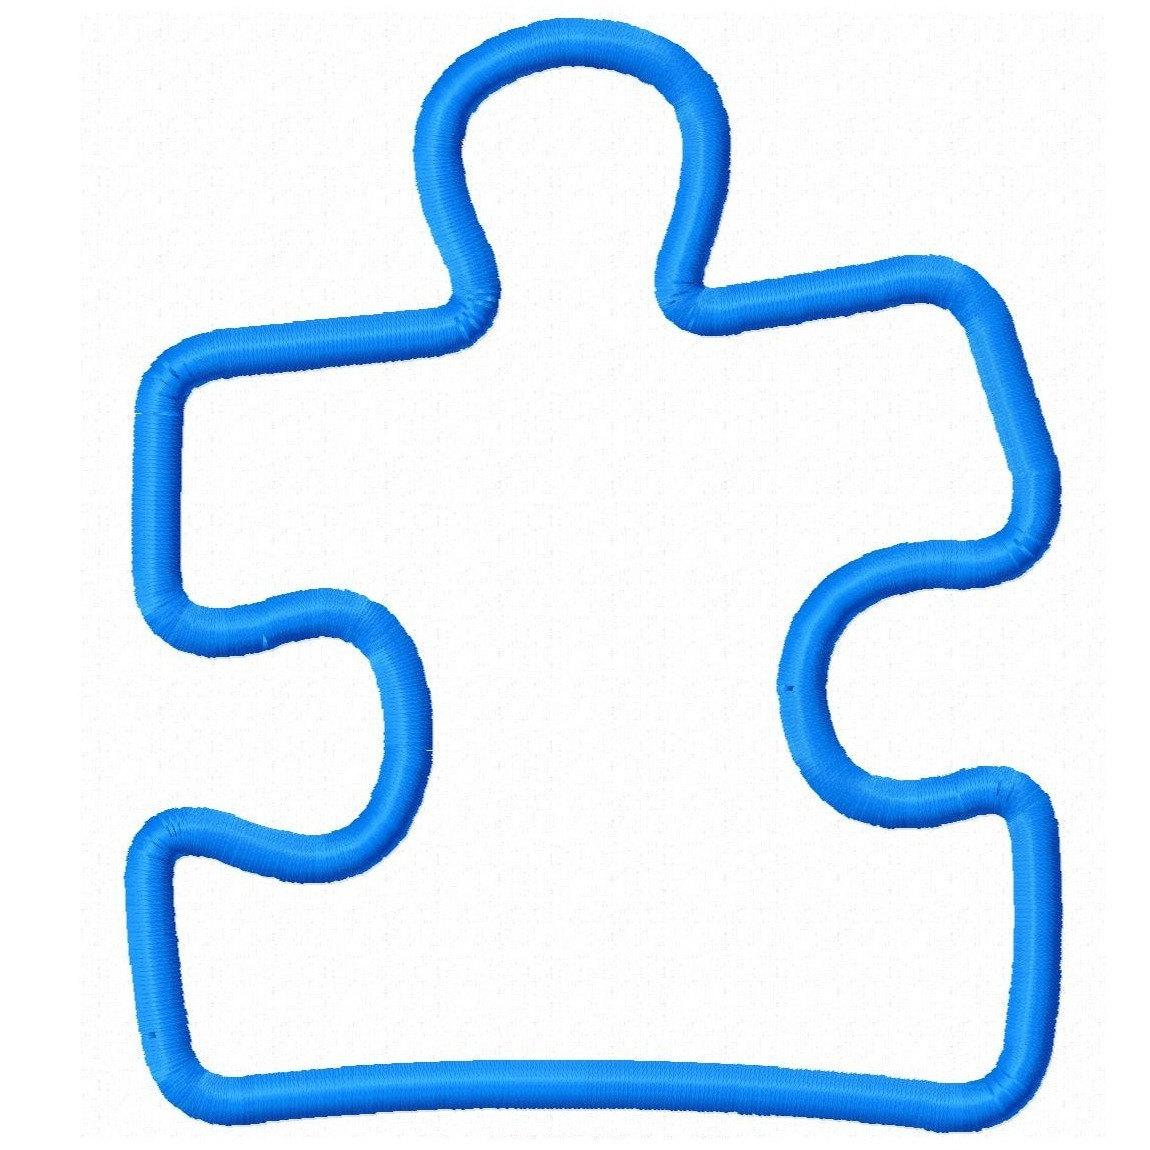 Autism Puzzle Piece Clip Art N18 free image.